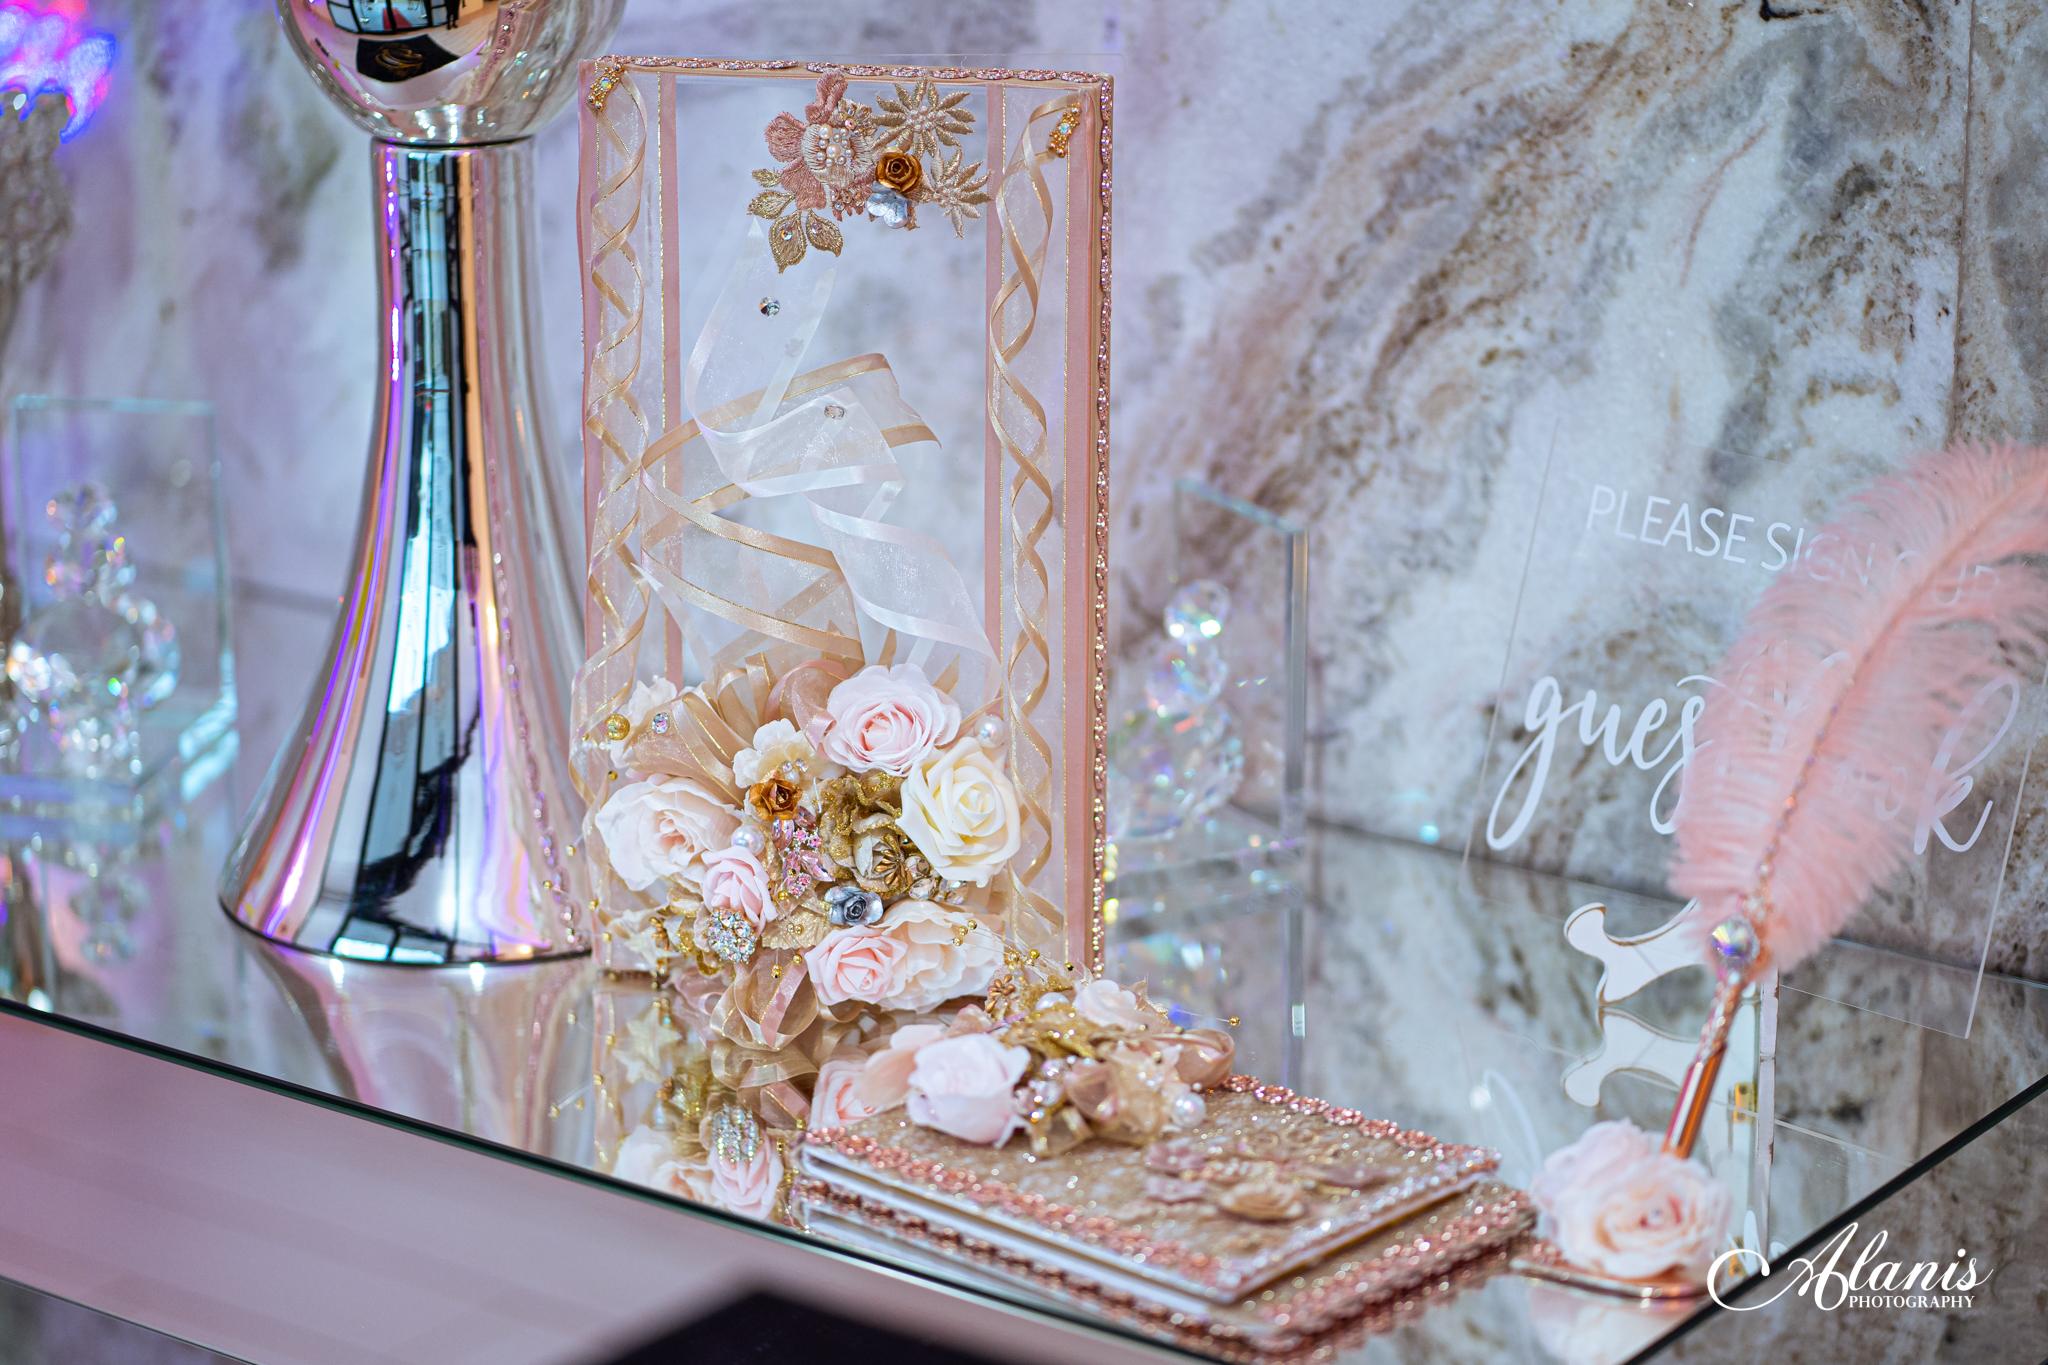 LeVenue Quinceañera front entrance decor